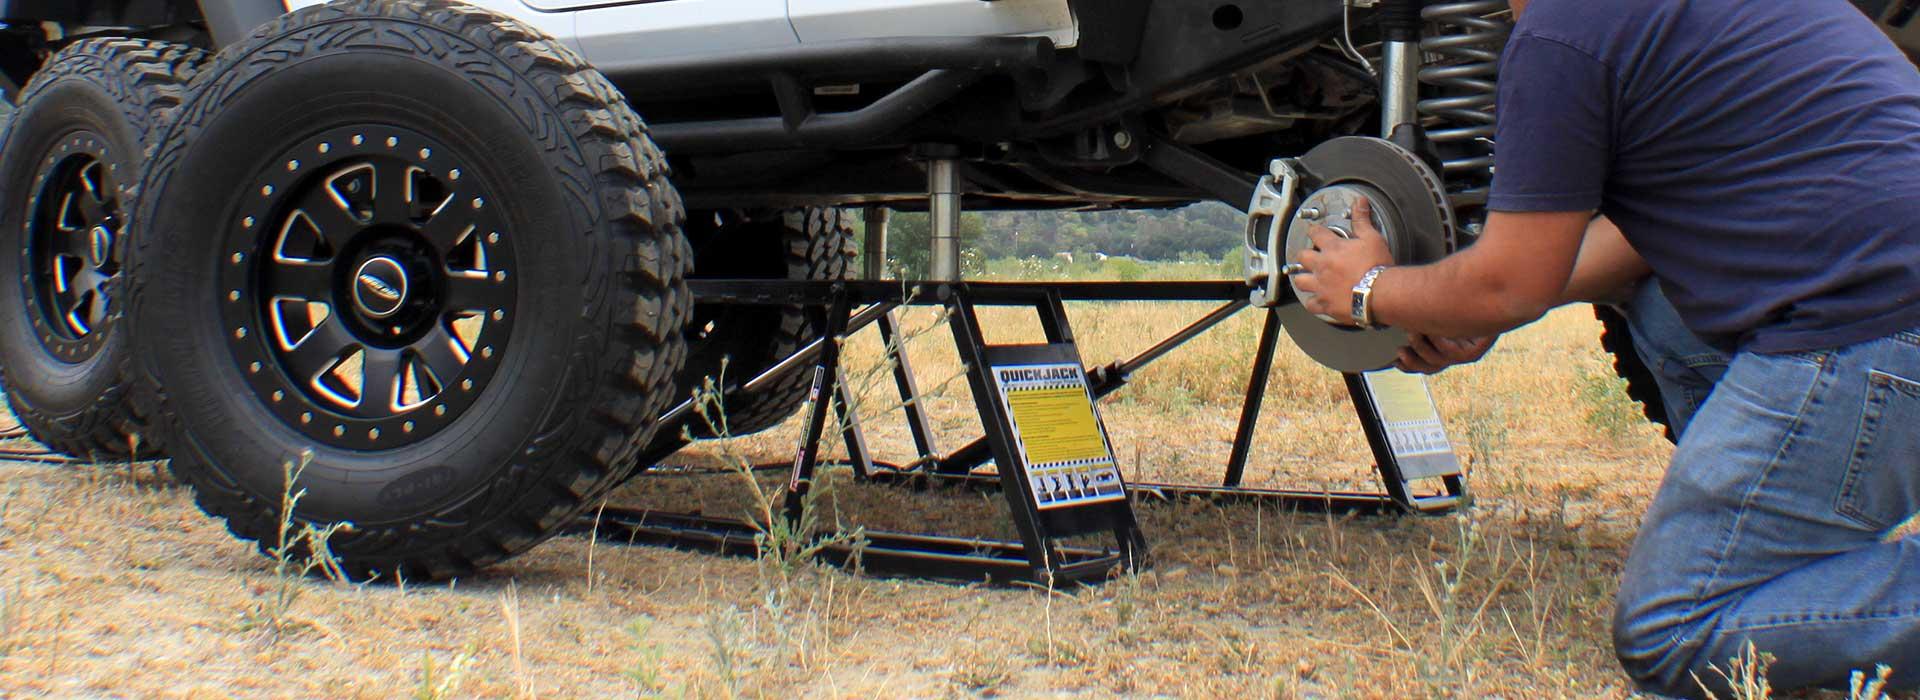 Portable Tire Lift : Automotive lifts repair shop equipment total tool